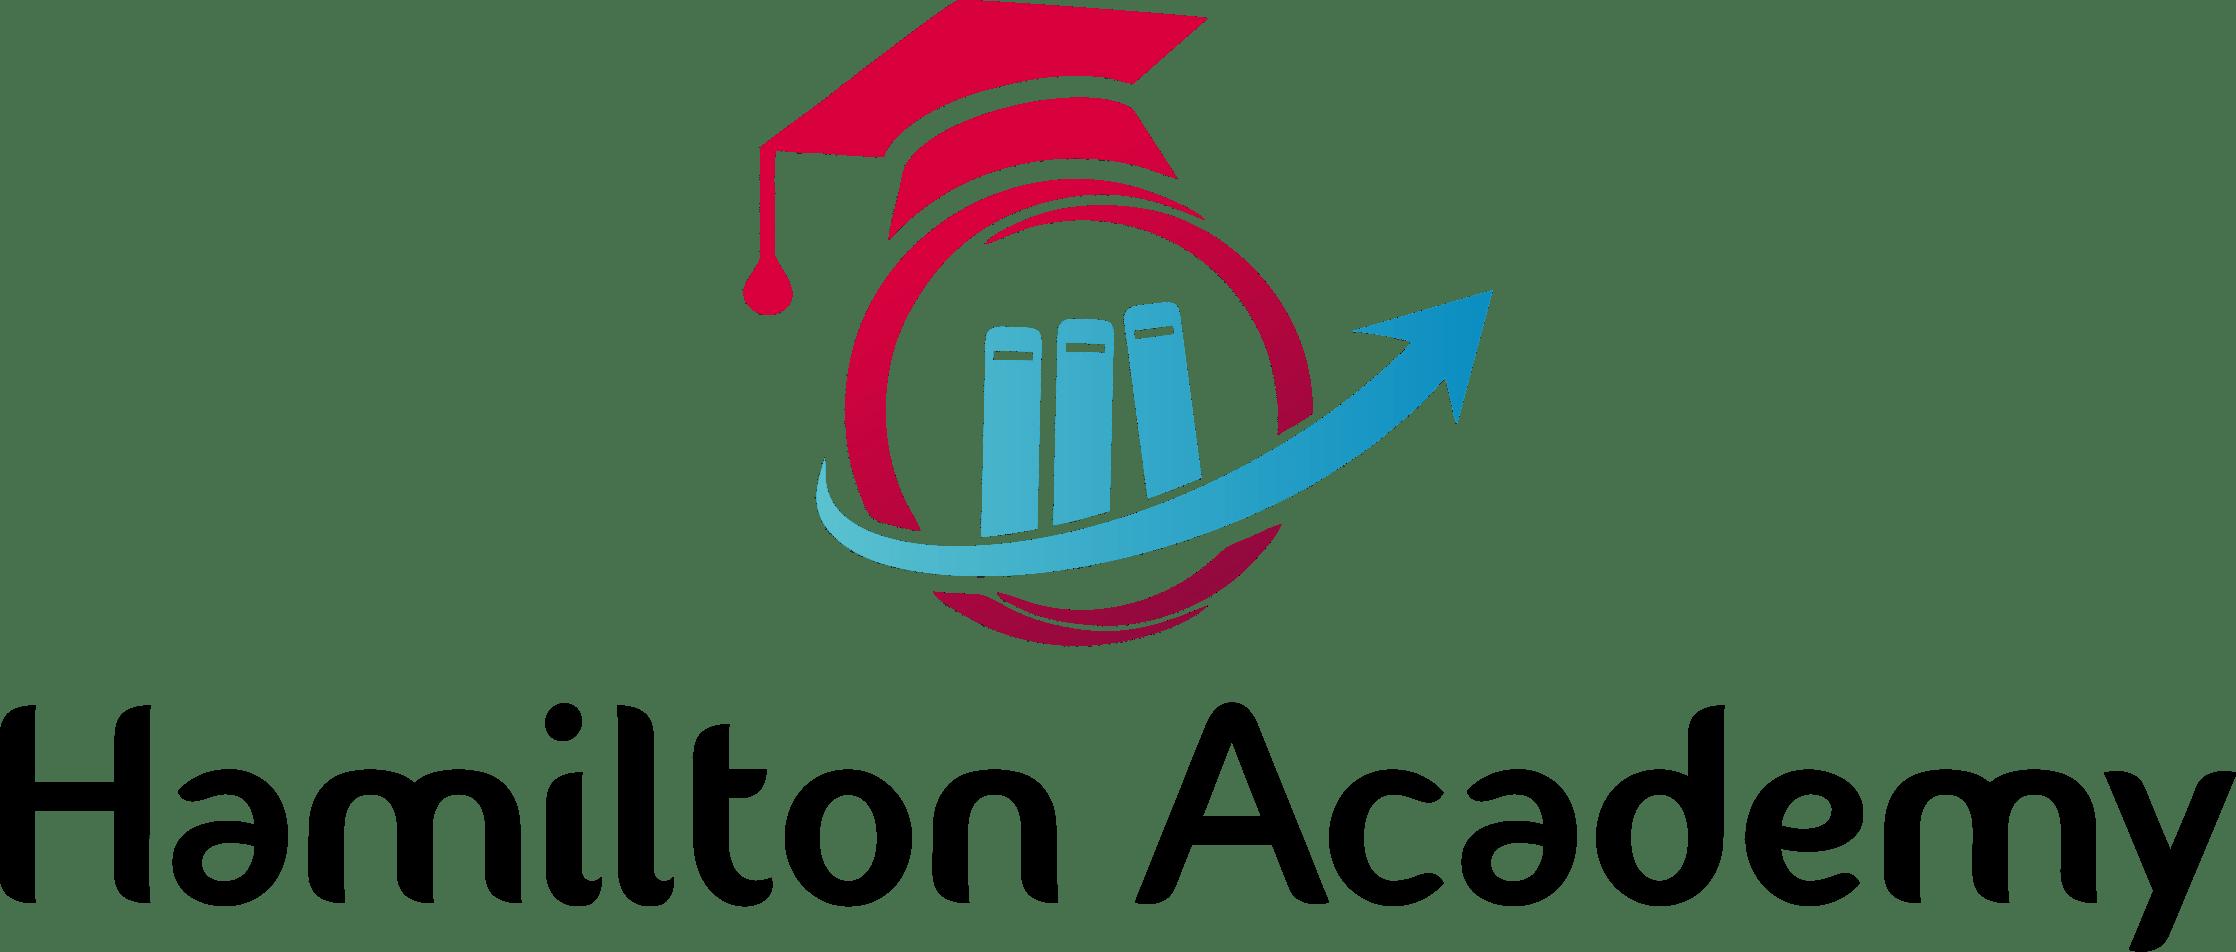 Dr Hamilton Academy